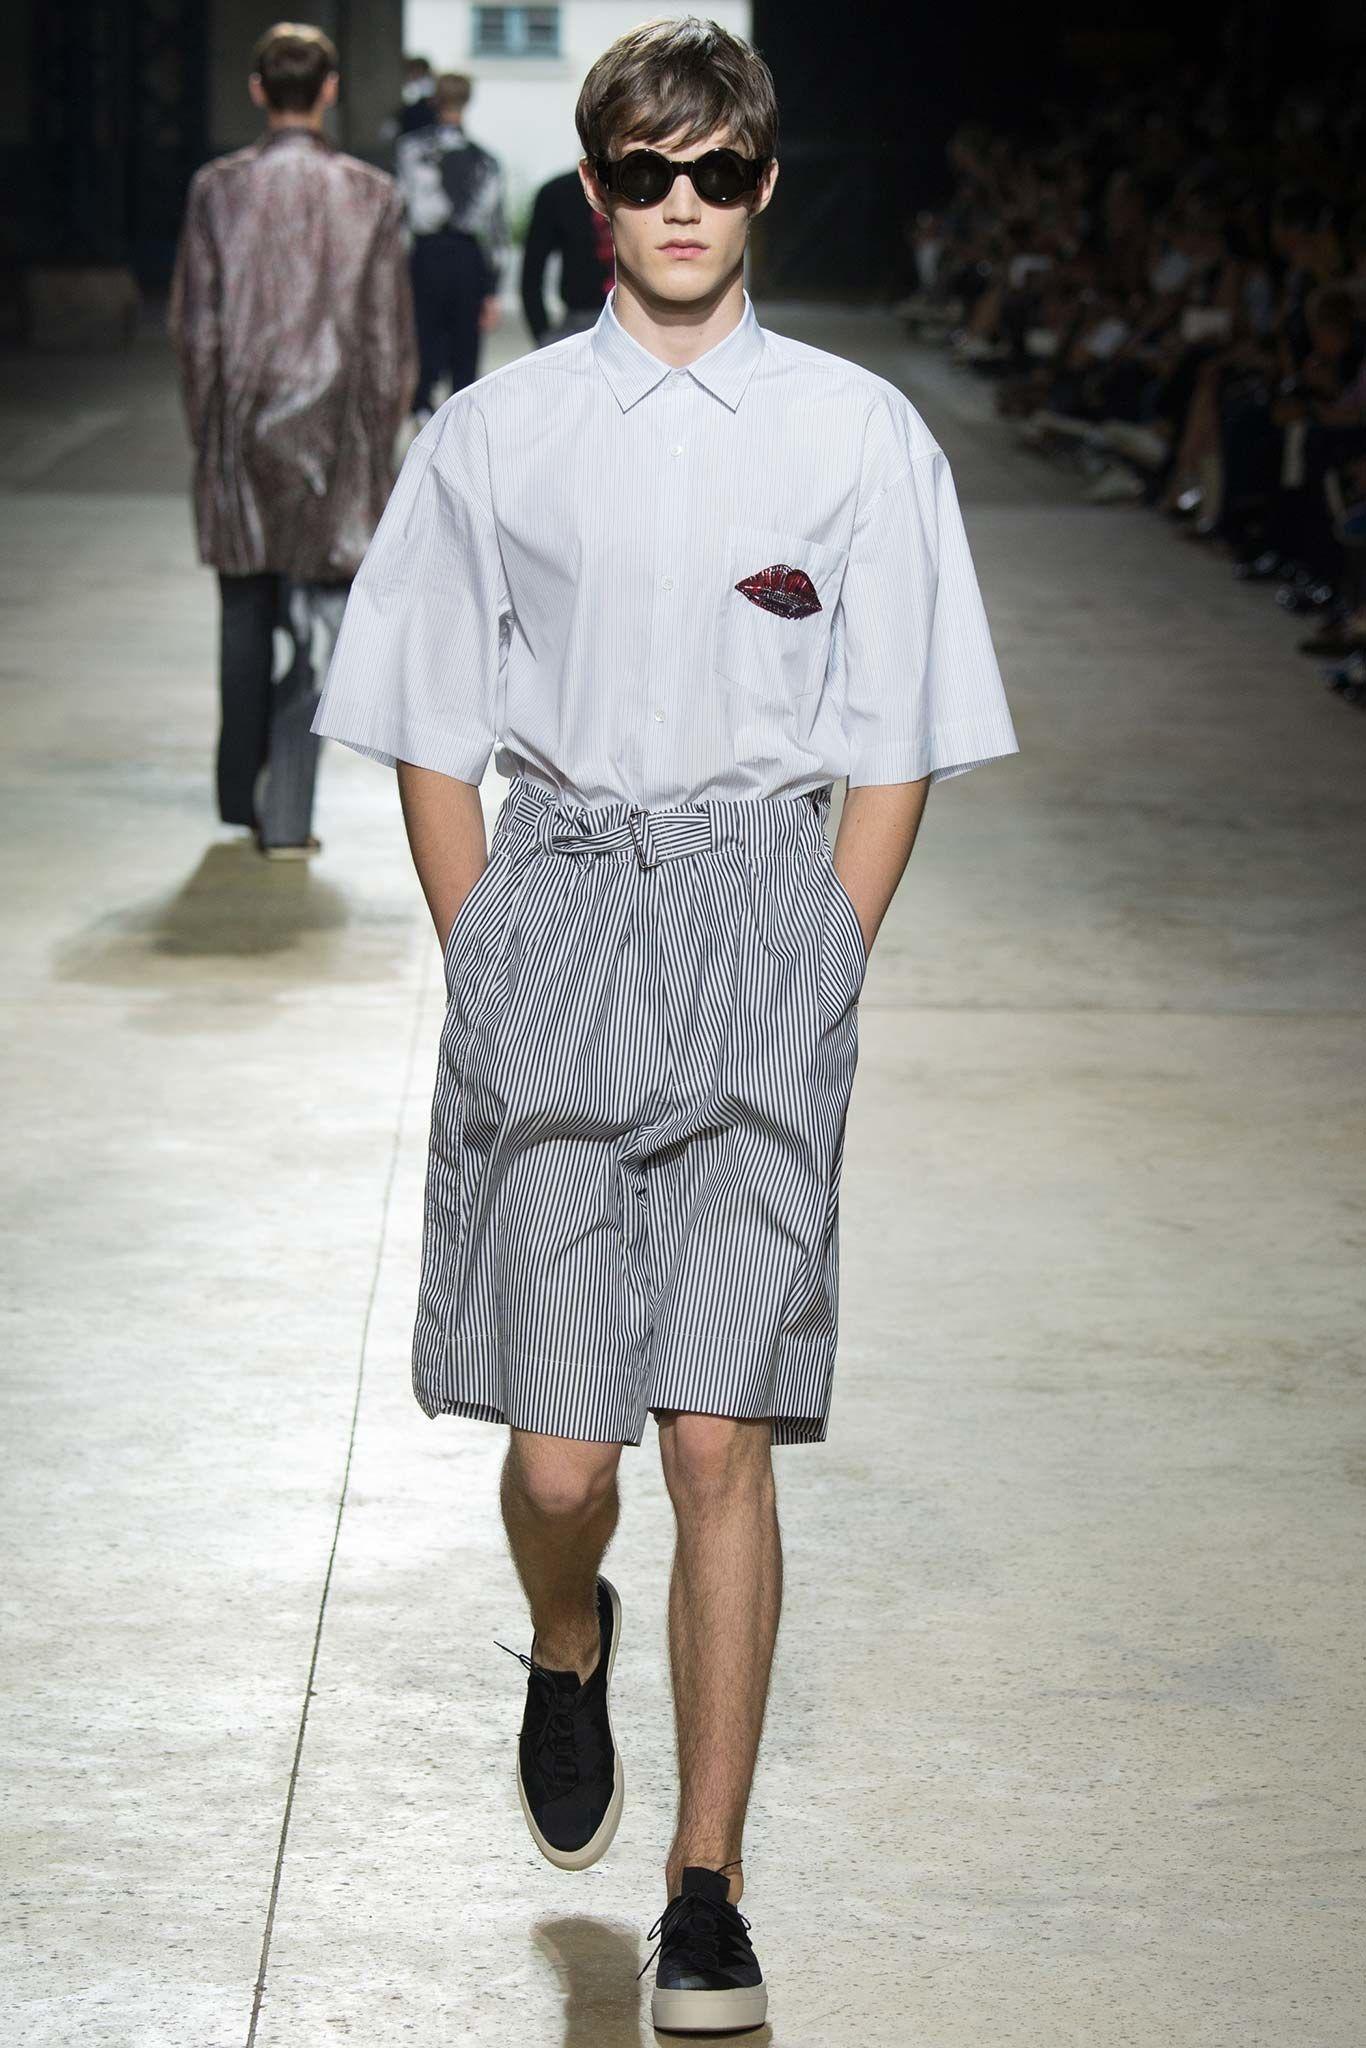 Dries Van Noten Spring 2016 Menswear Fashion Show